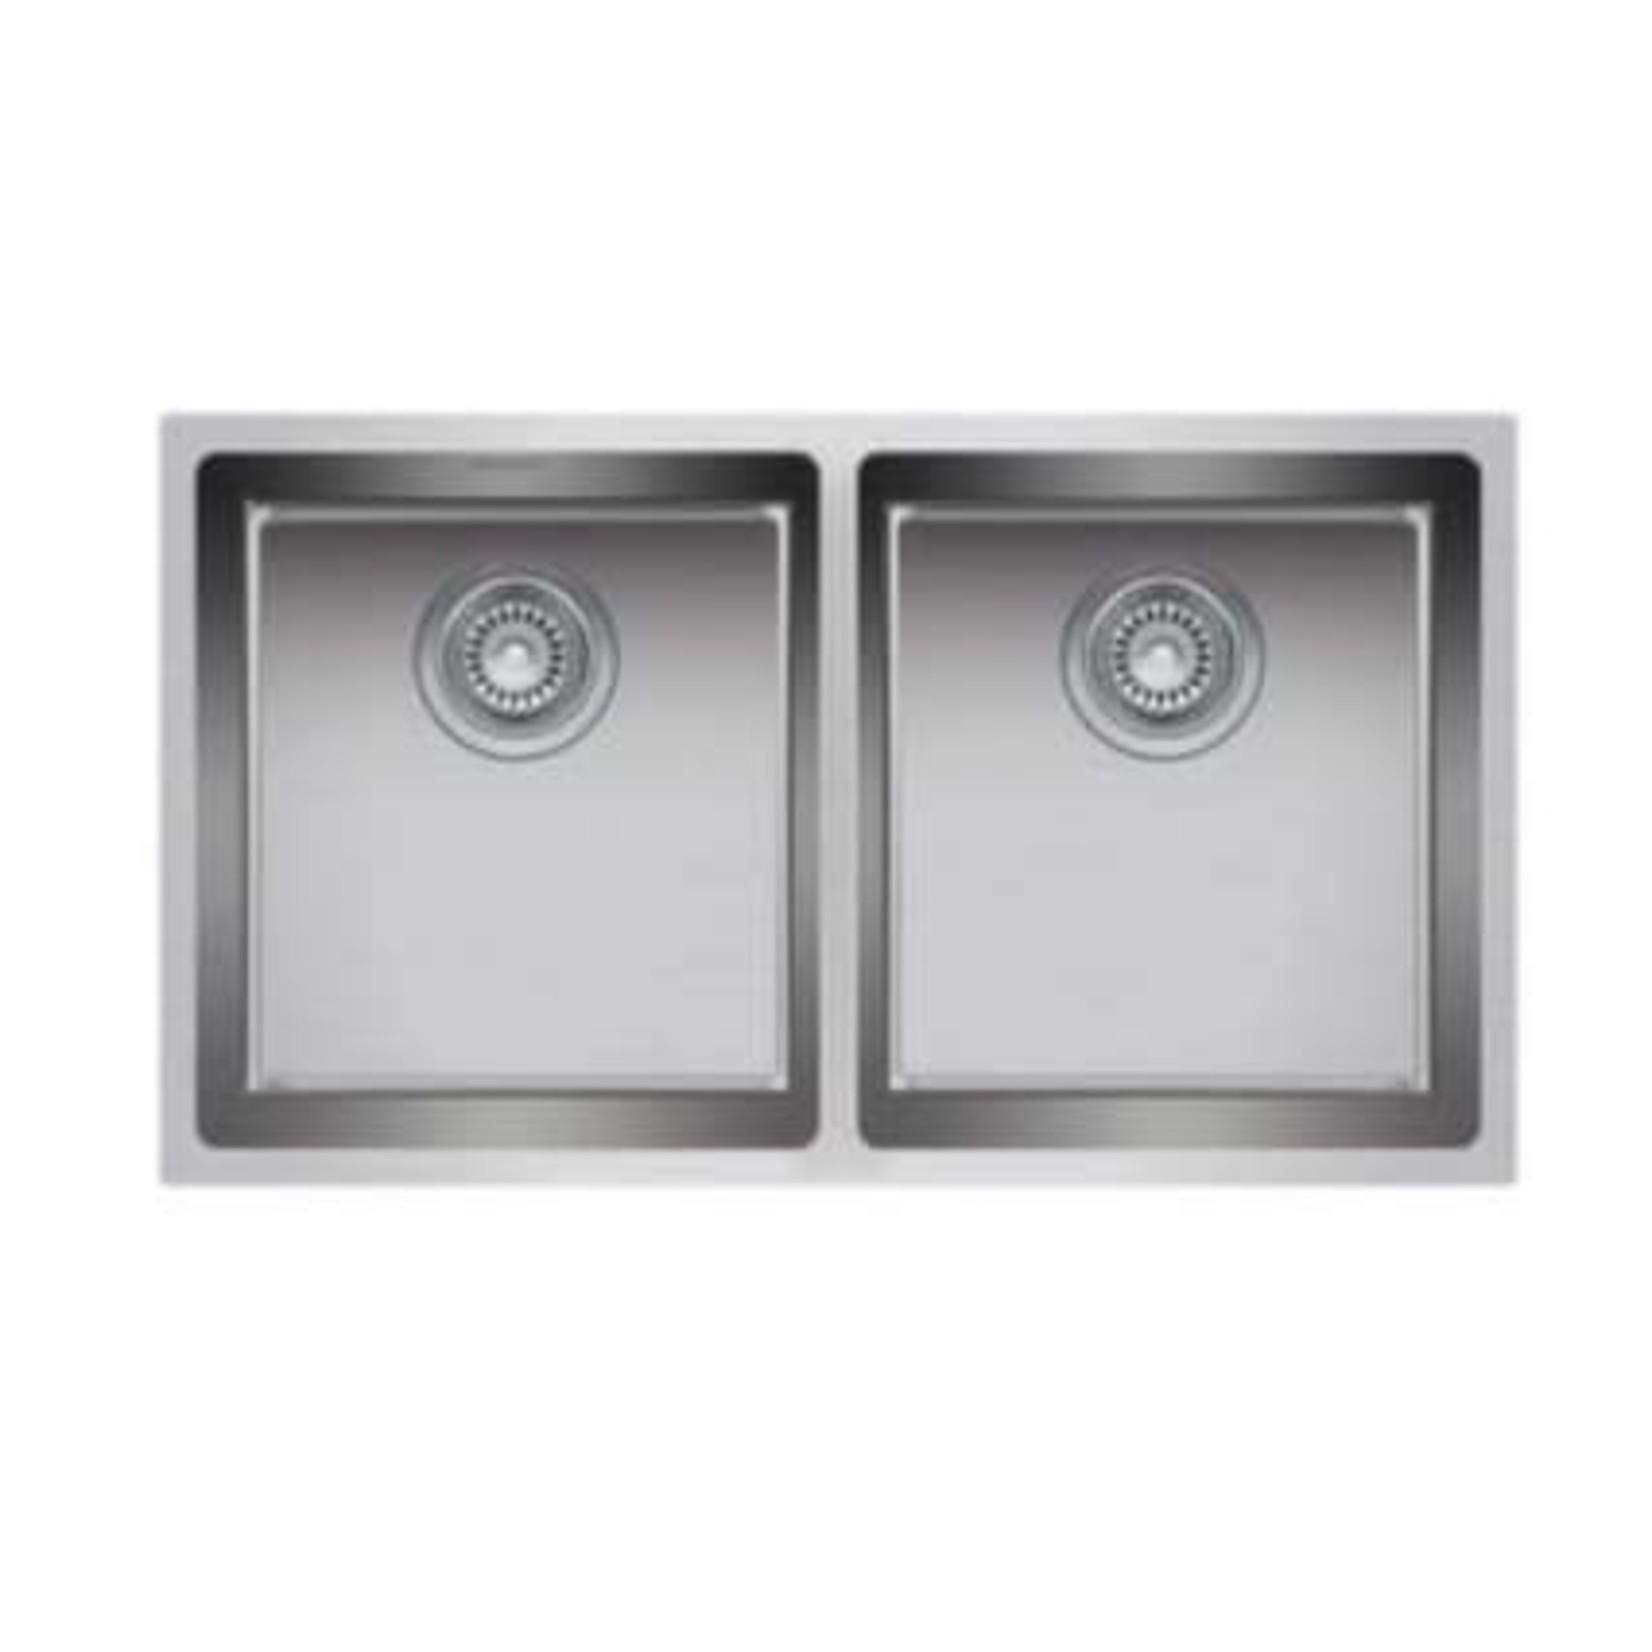 """Double bowl undermount kitchen sink 31 """"x 18"""" x 9/9 """"ZR200"""